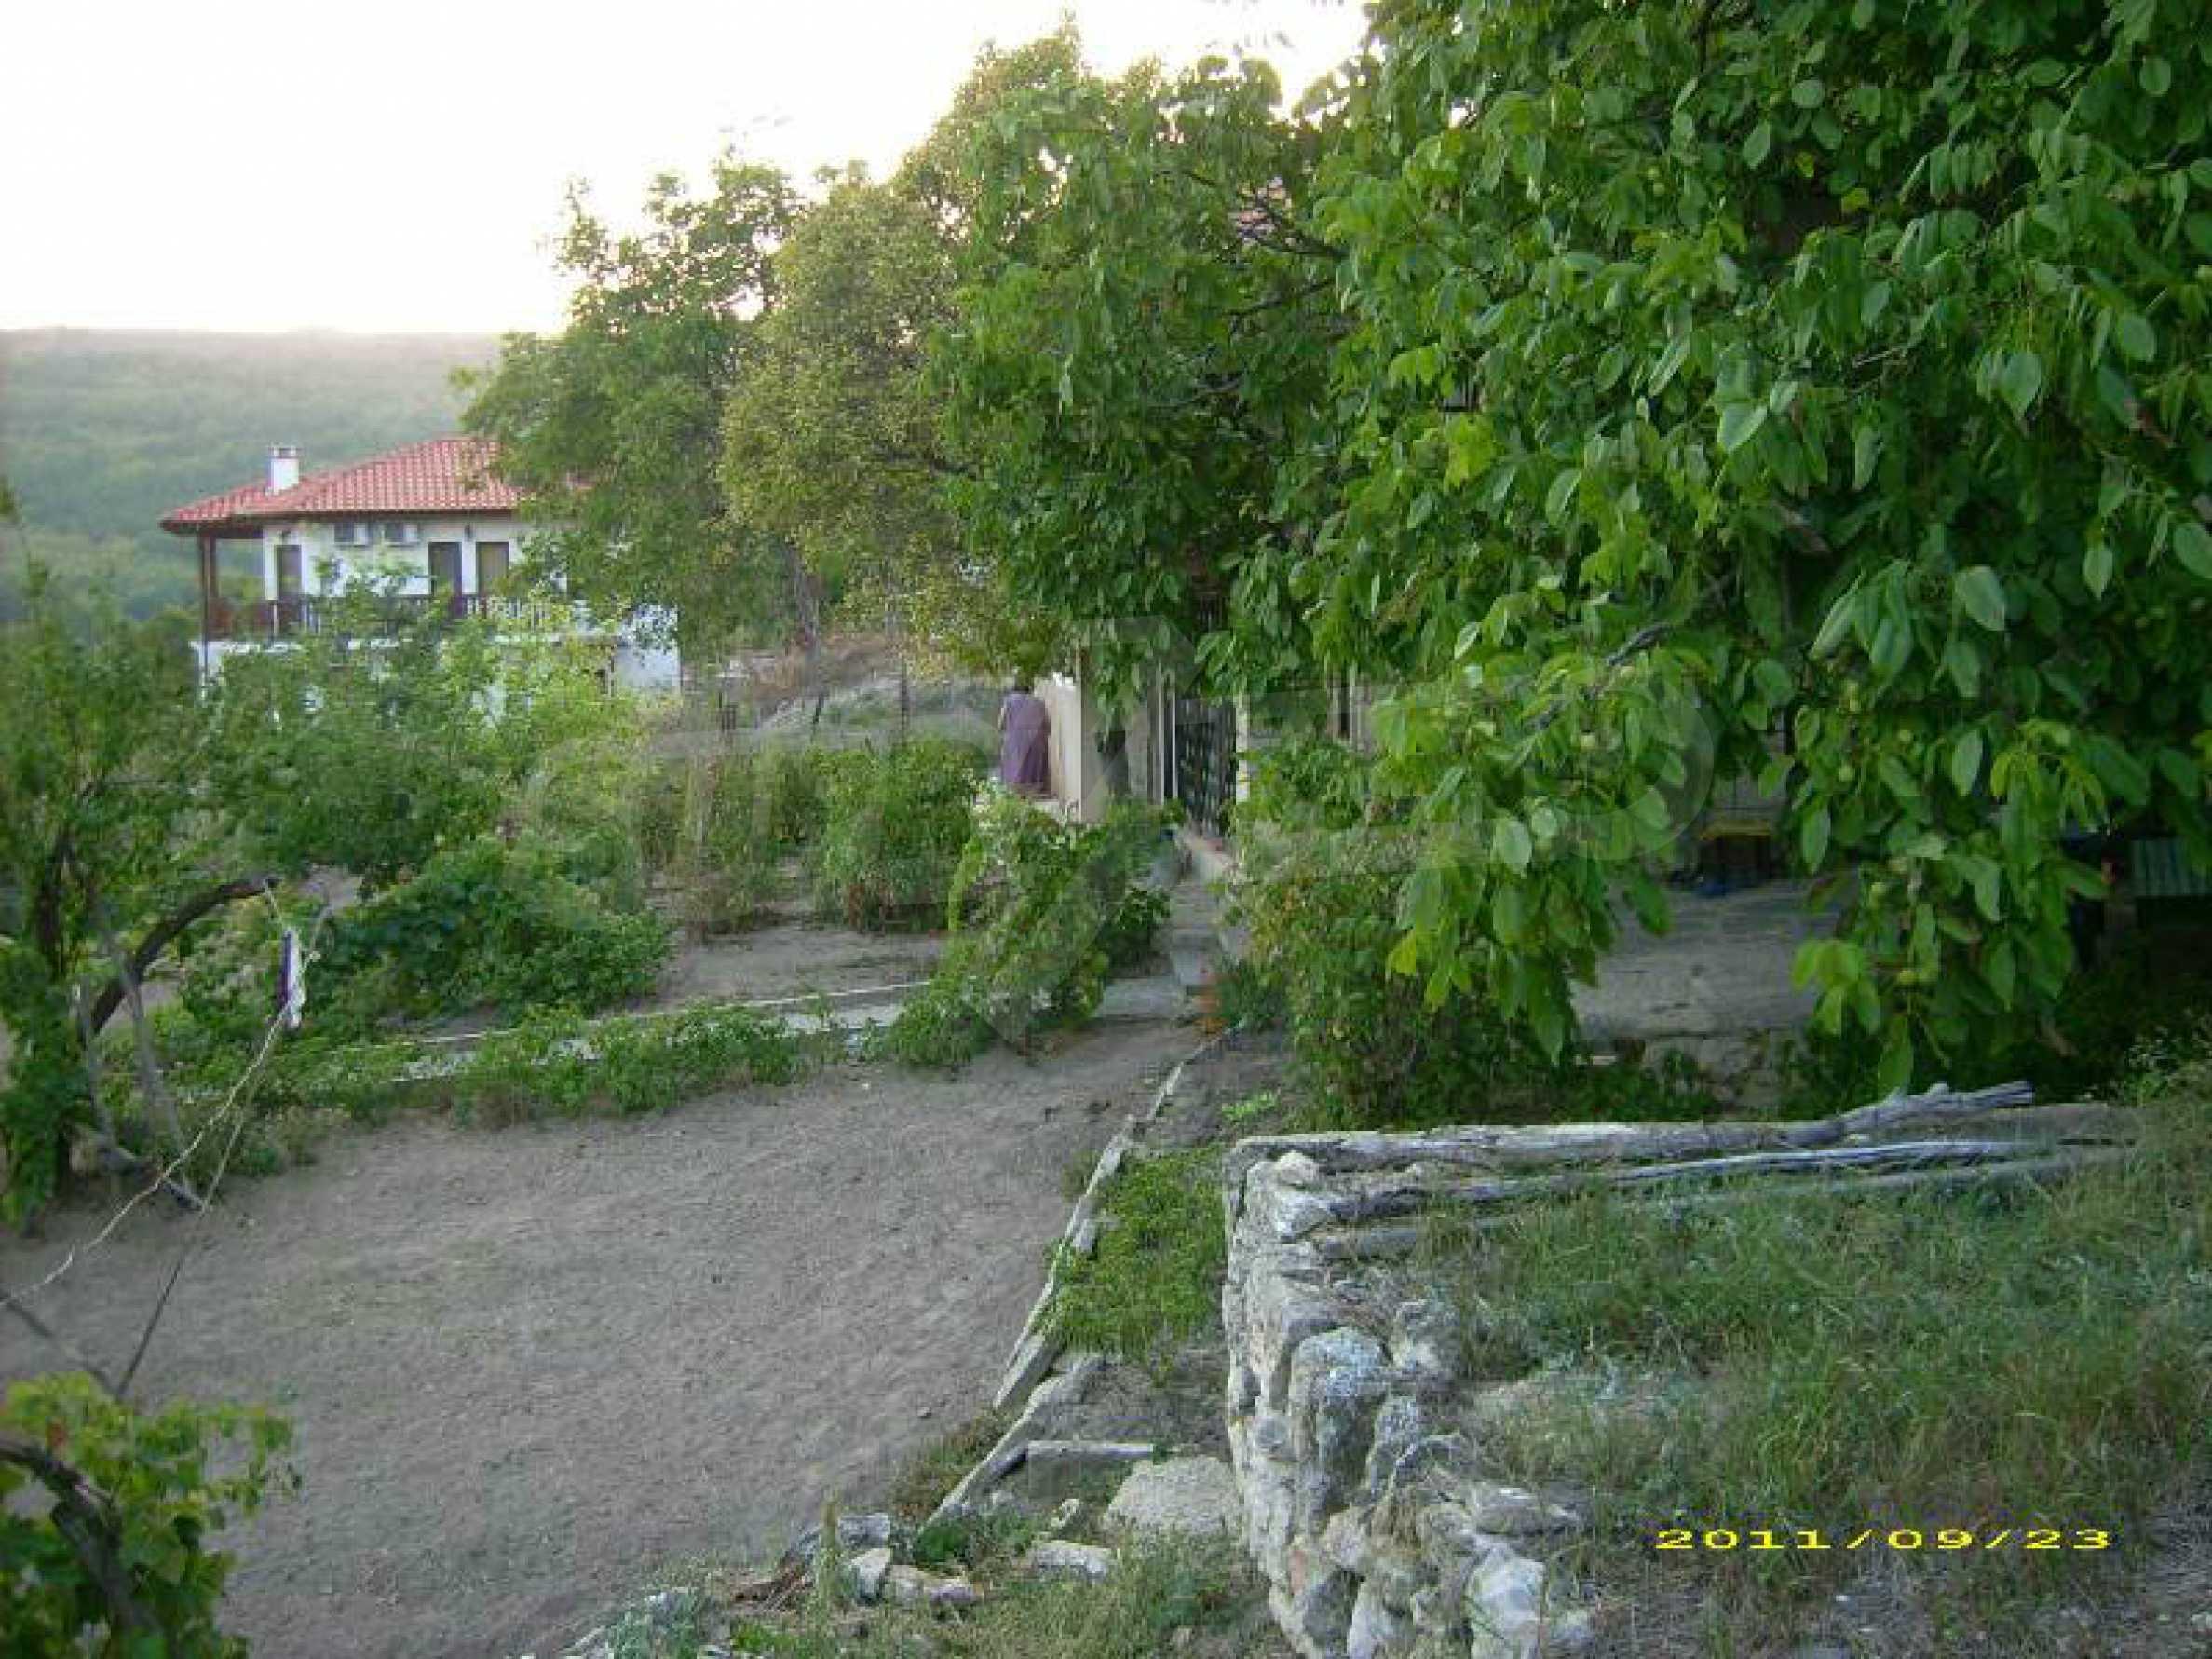 Grundstück in der Villenzone von Balchik 7